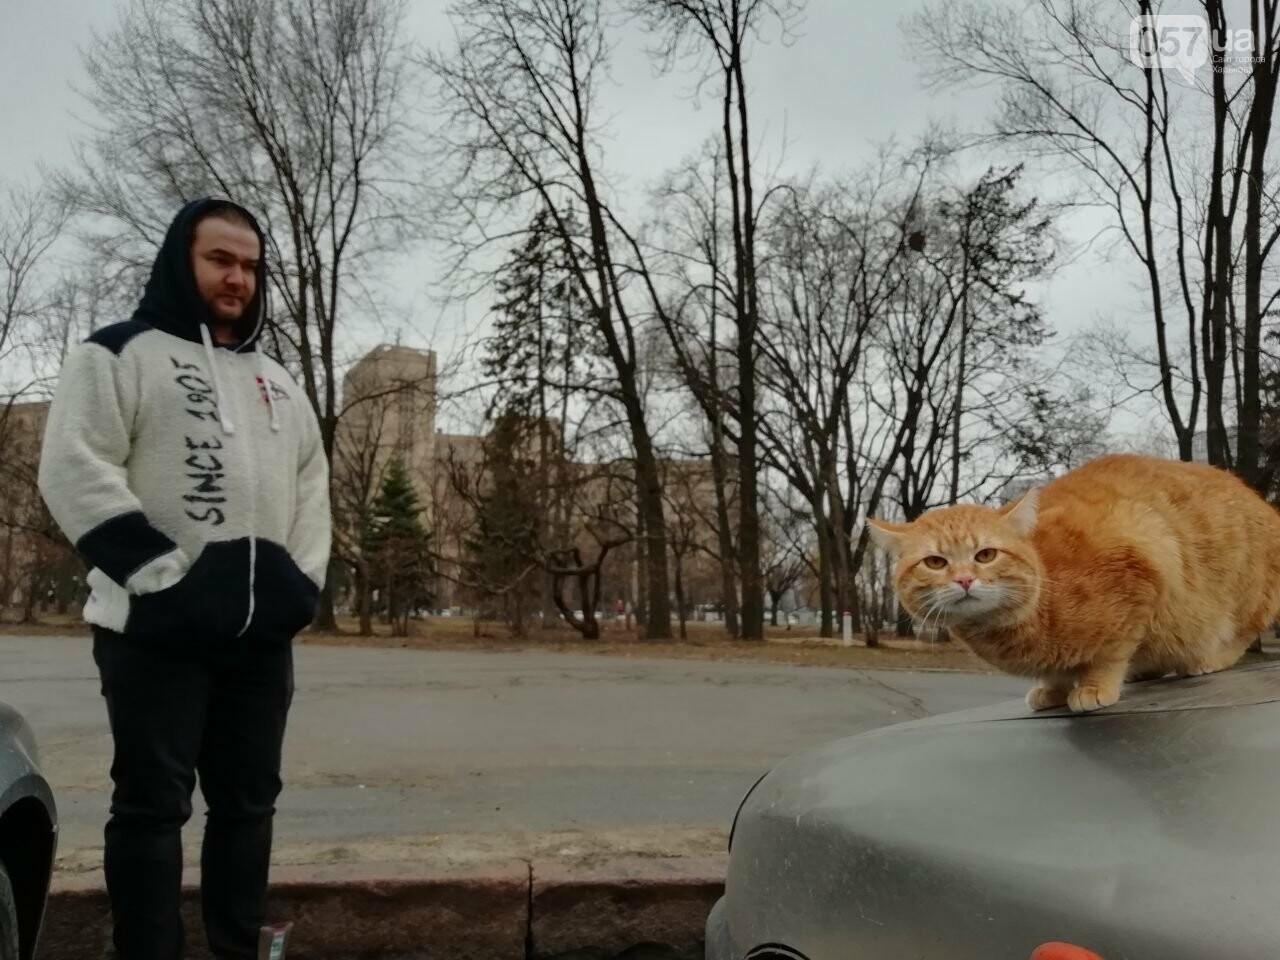 Поездка с котом и большие чаевые. Как харьковский таксист с питомцем возит пассажиров, - ФОТО, фото-5